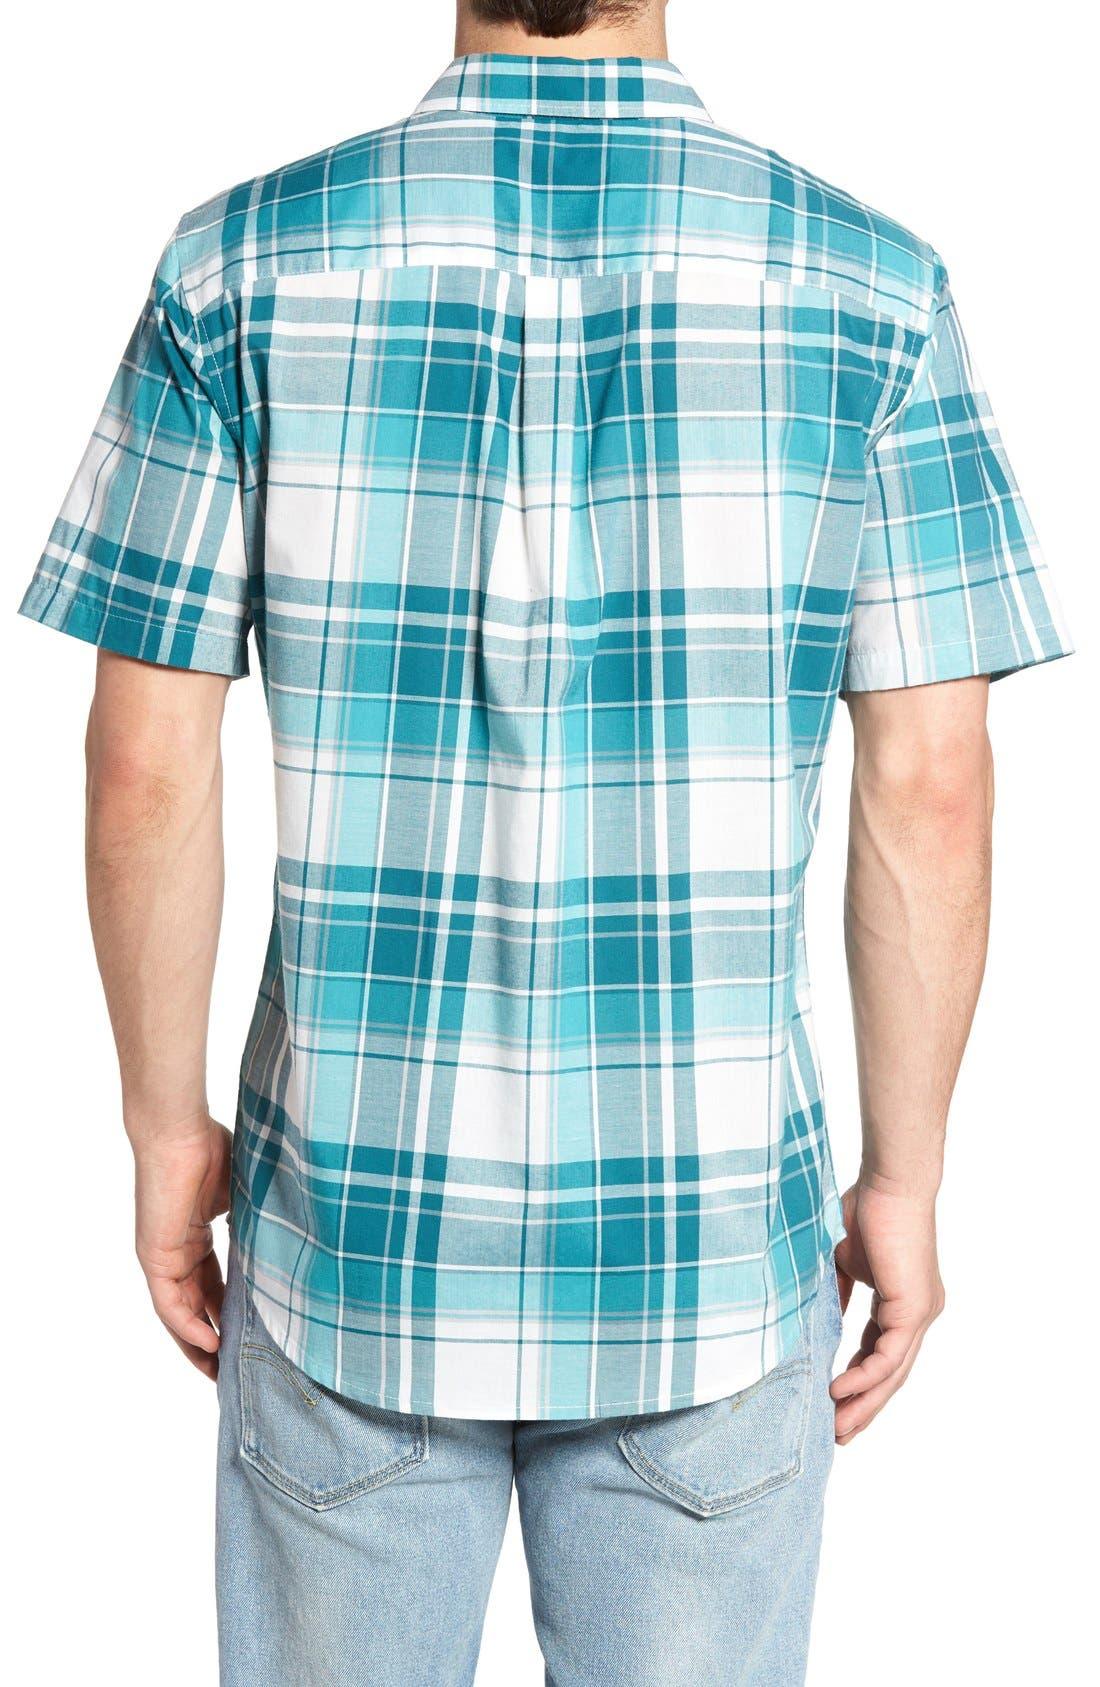 Alternate Image 2  - O'Neill Plaid Woven Shirt